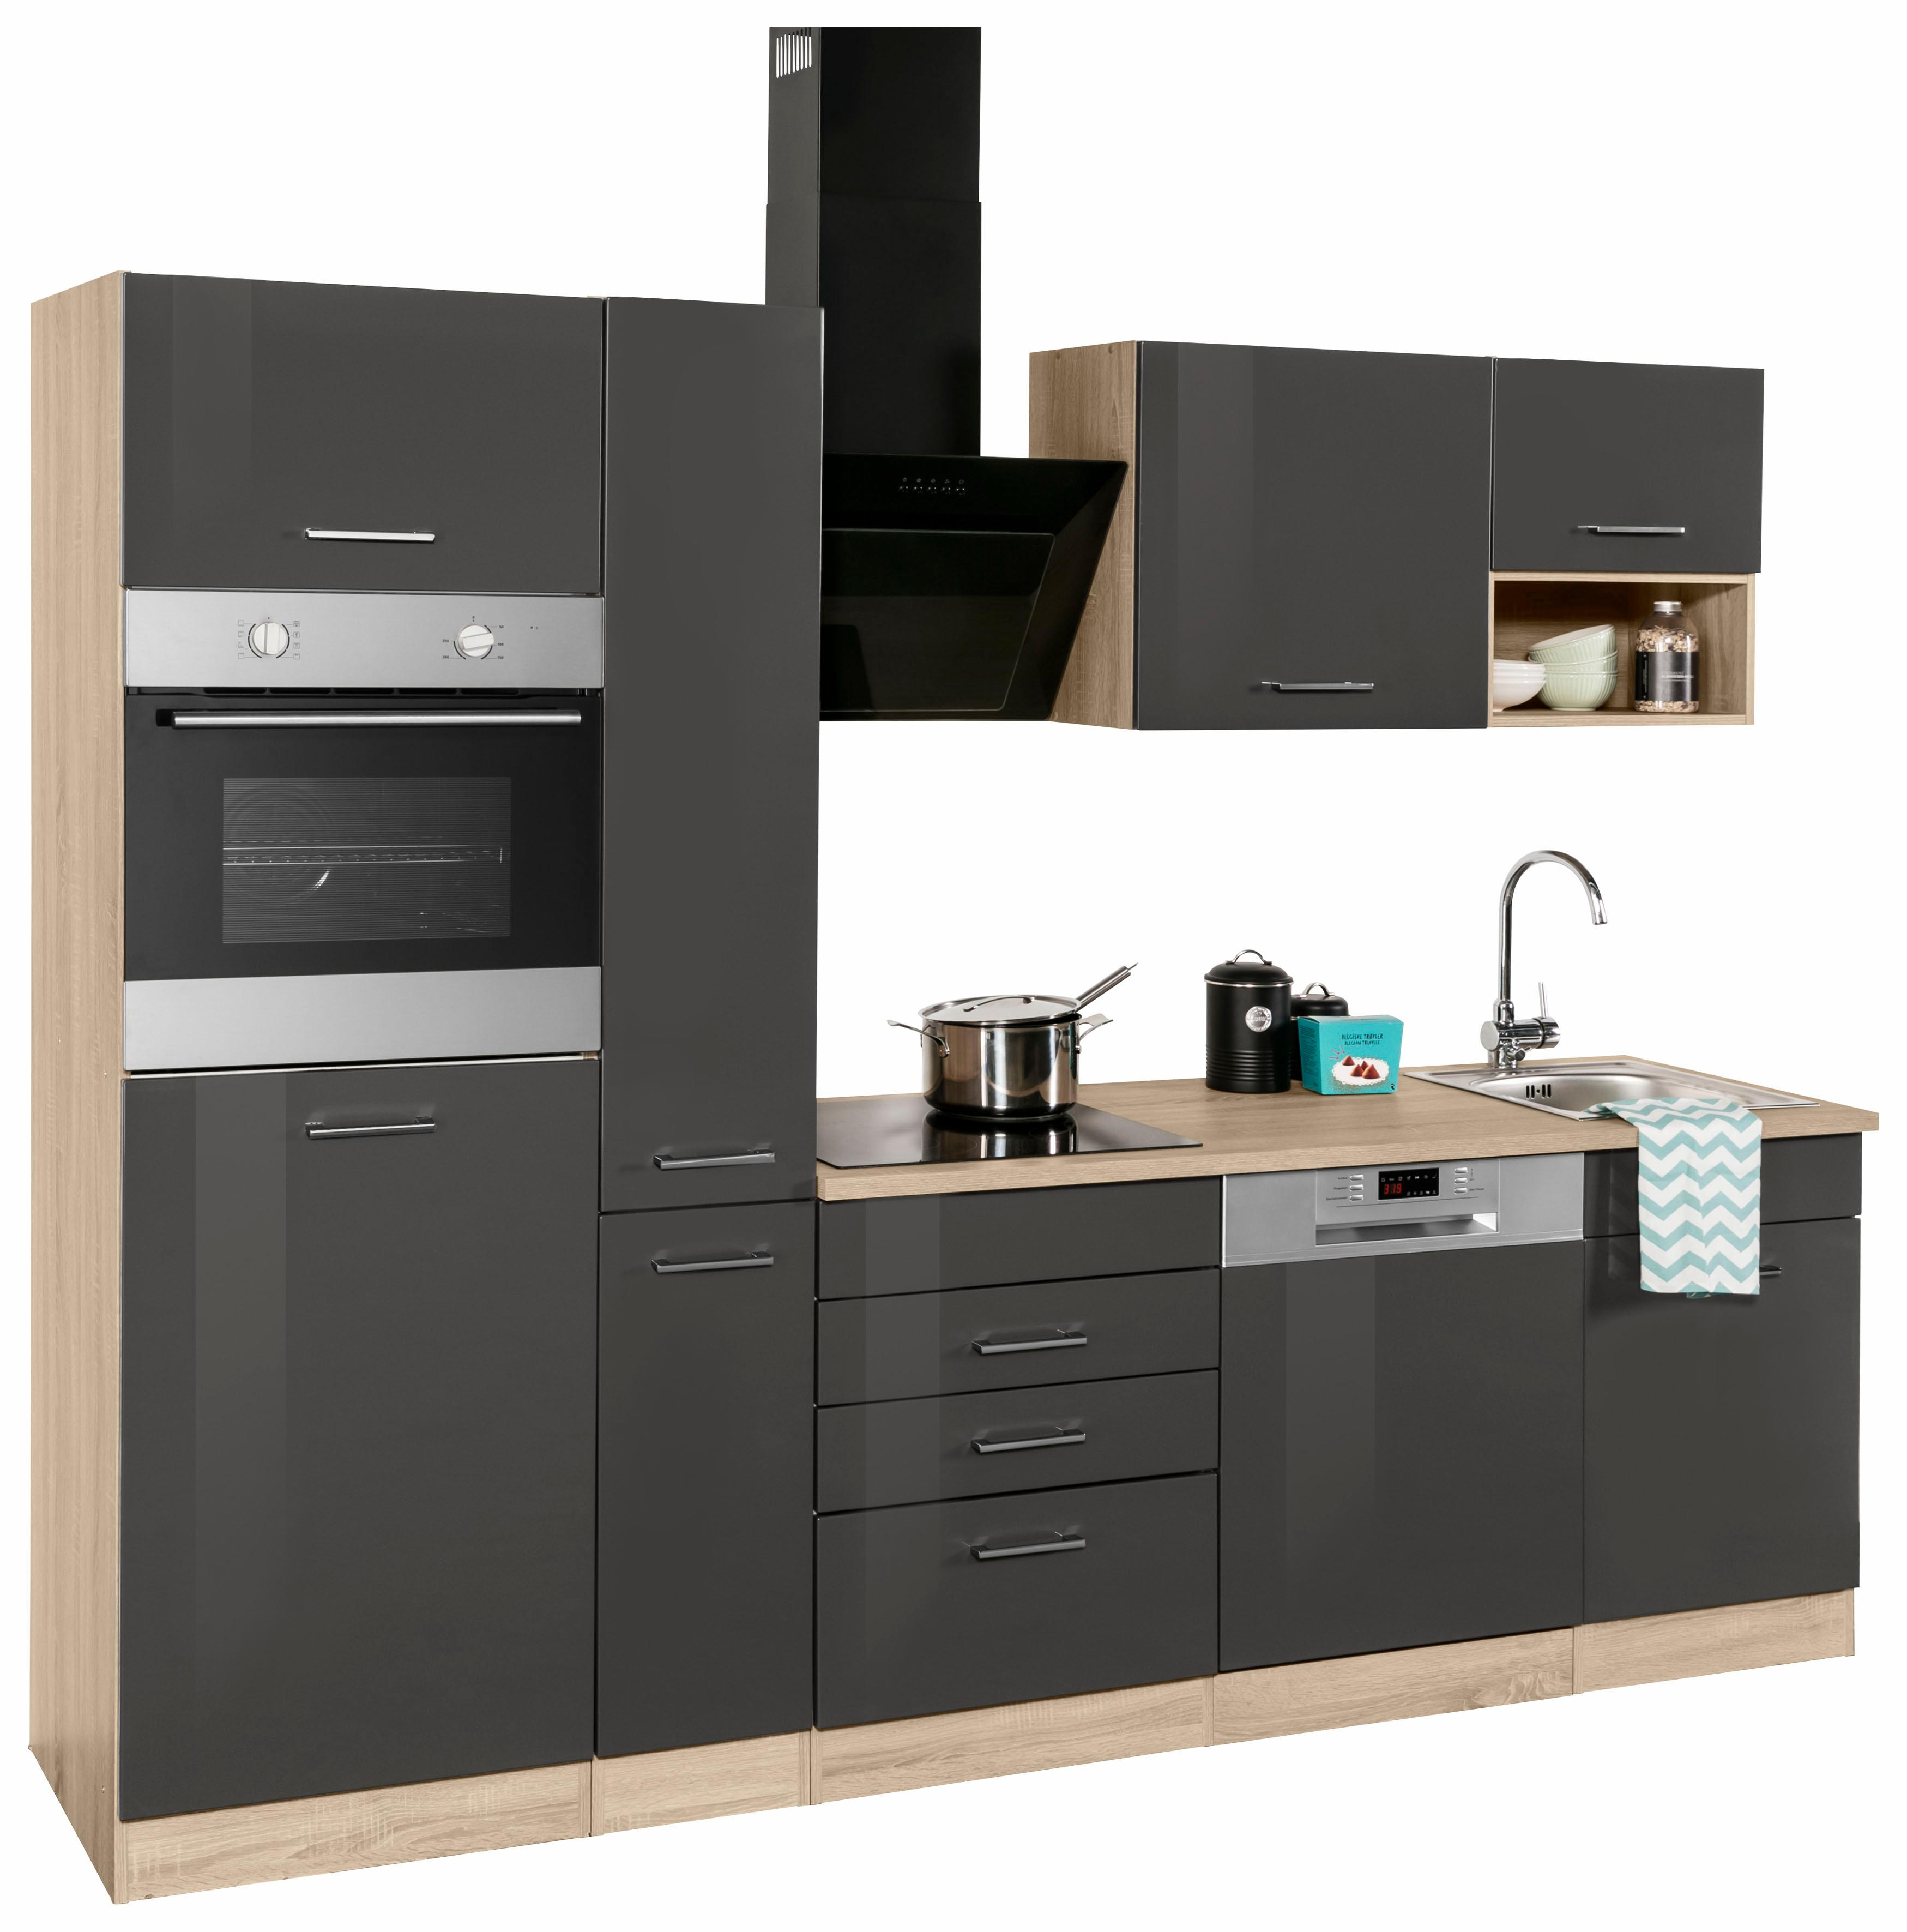 glanz-glaenzend Küchenzeilen online kaufen | Möbel-Suchmaschine ...